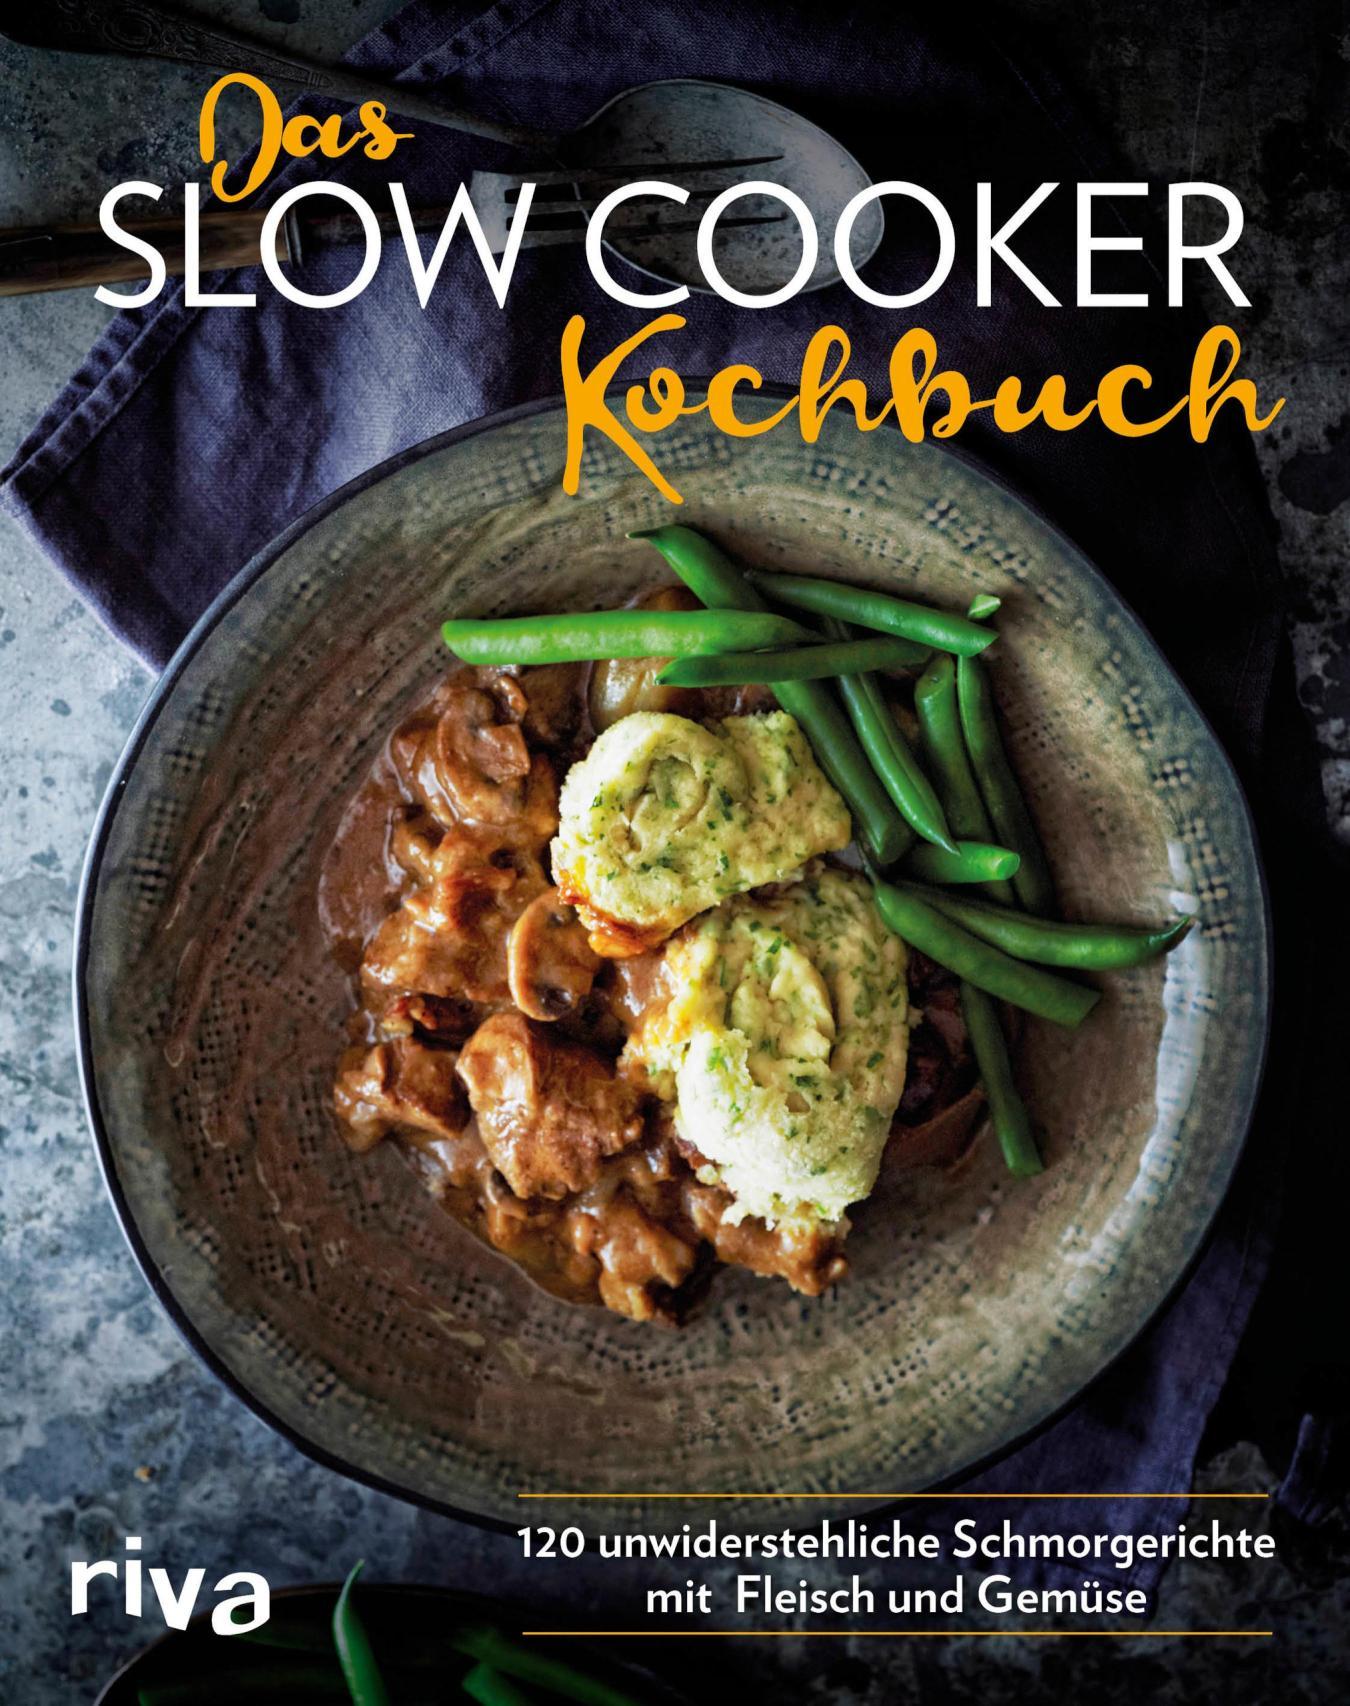 Das Slow-Cooker-Kochbuch Über 110 unwiderstehliche Schmorgerichte mit Fleisch und Gemüse